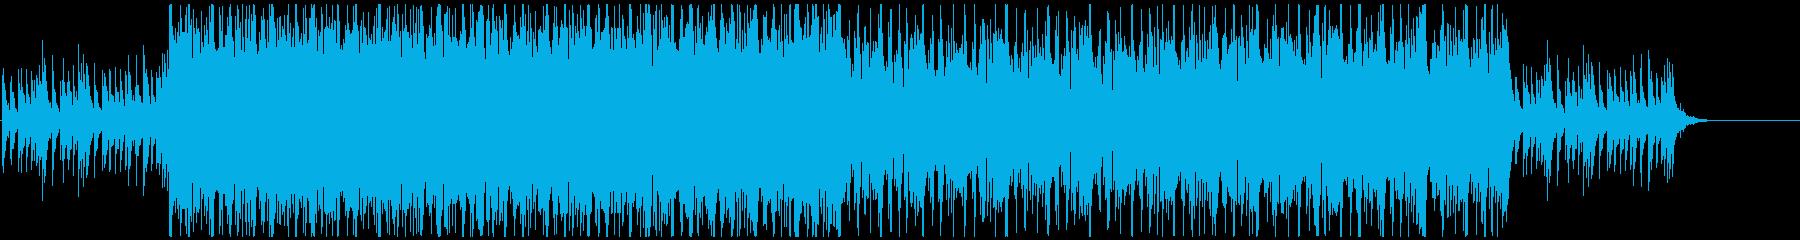 哀愁漂うデジタル系ロックバラード曲の再生済みの波形